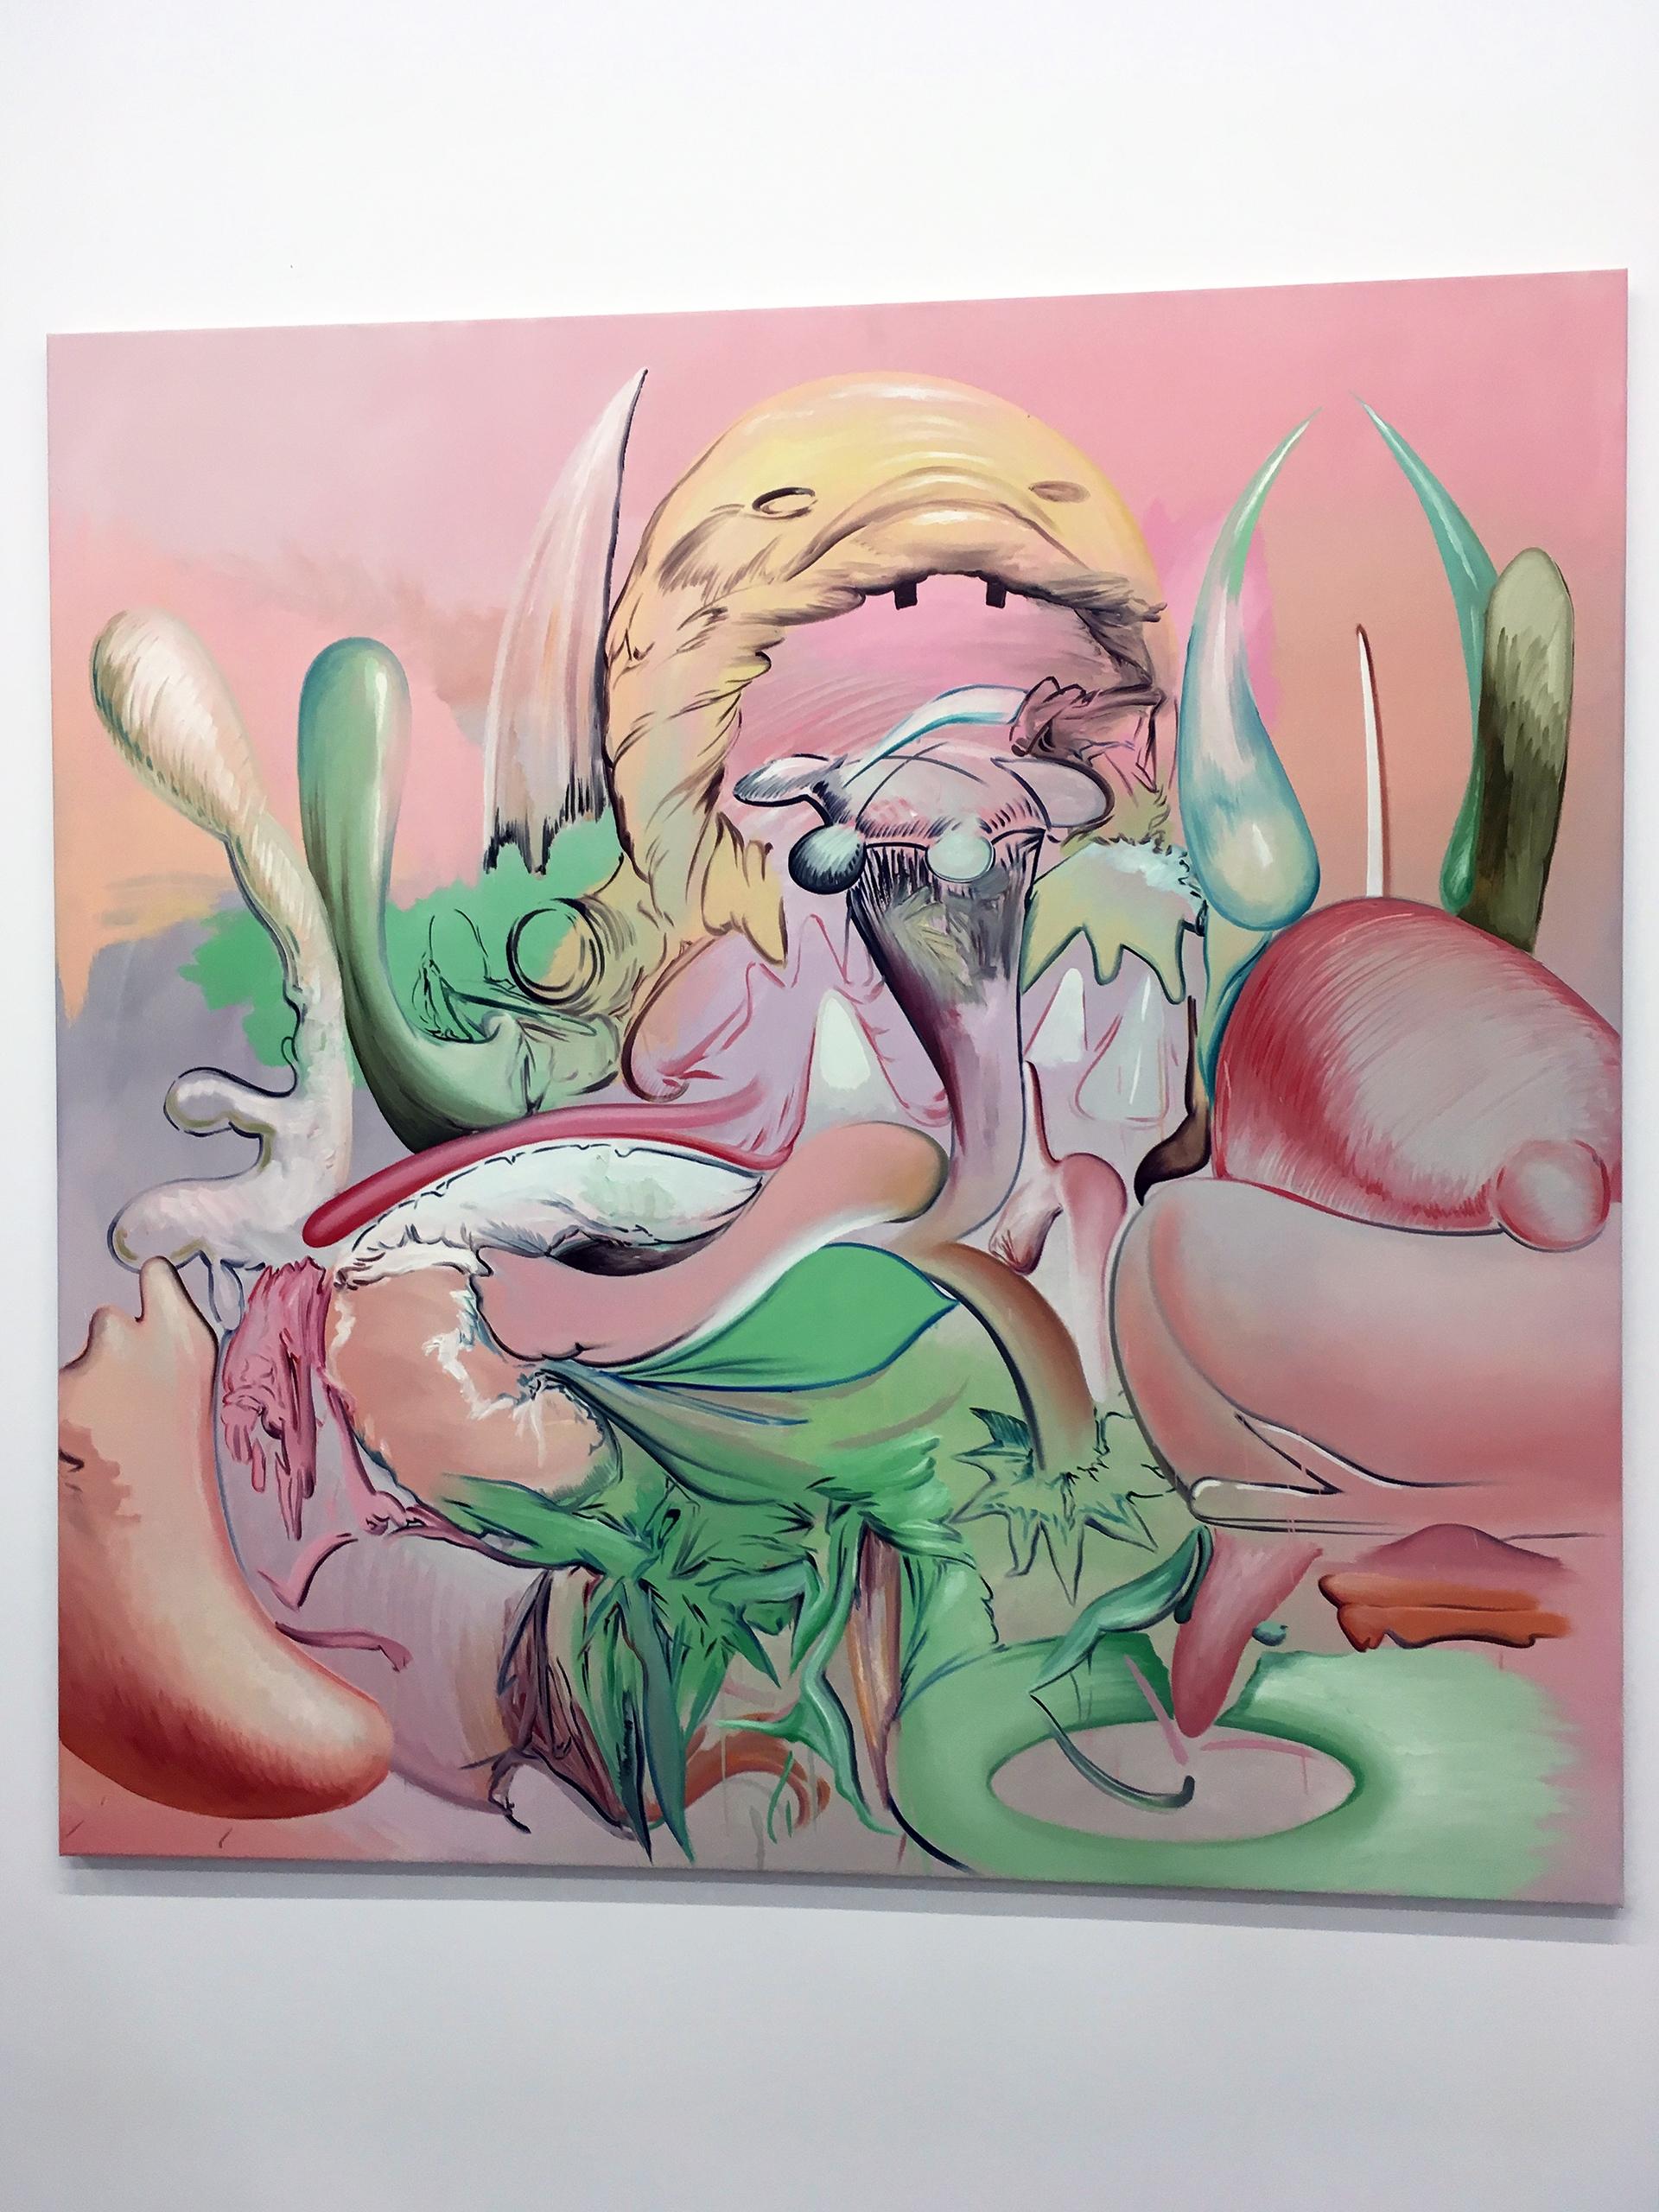 Zdjęcie przedstawia bardzo kolorowy obraz artysty.